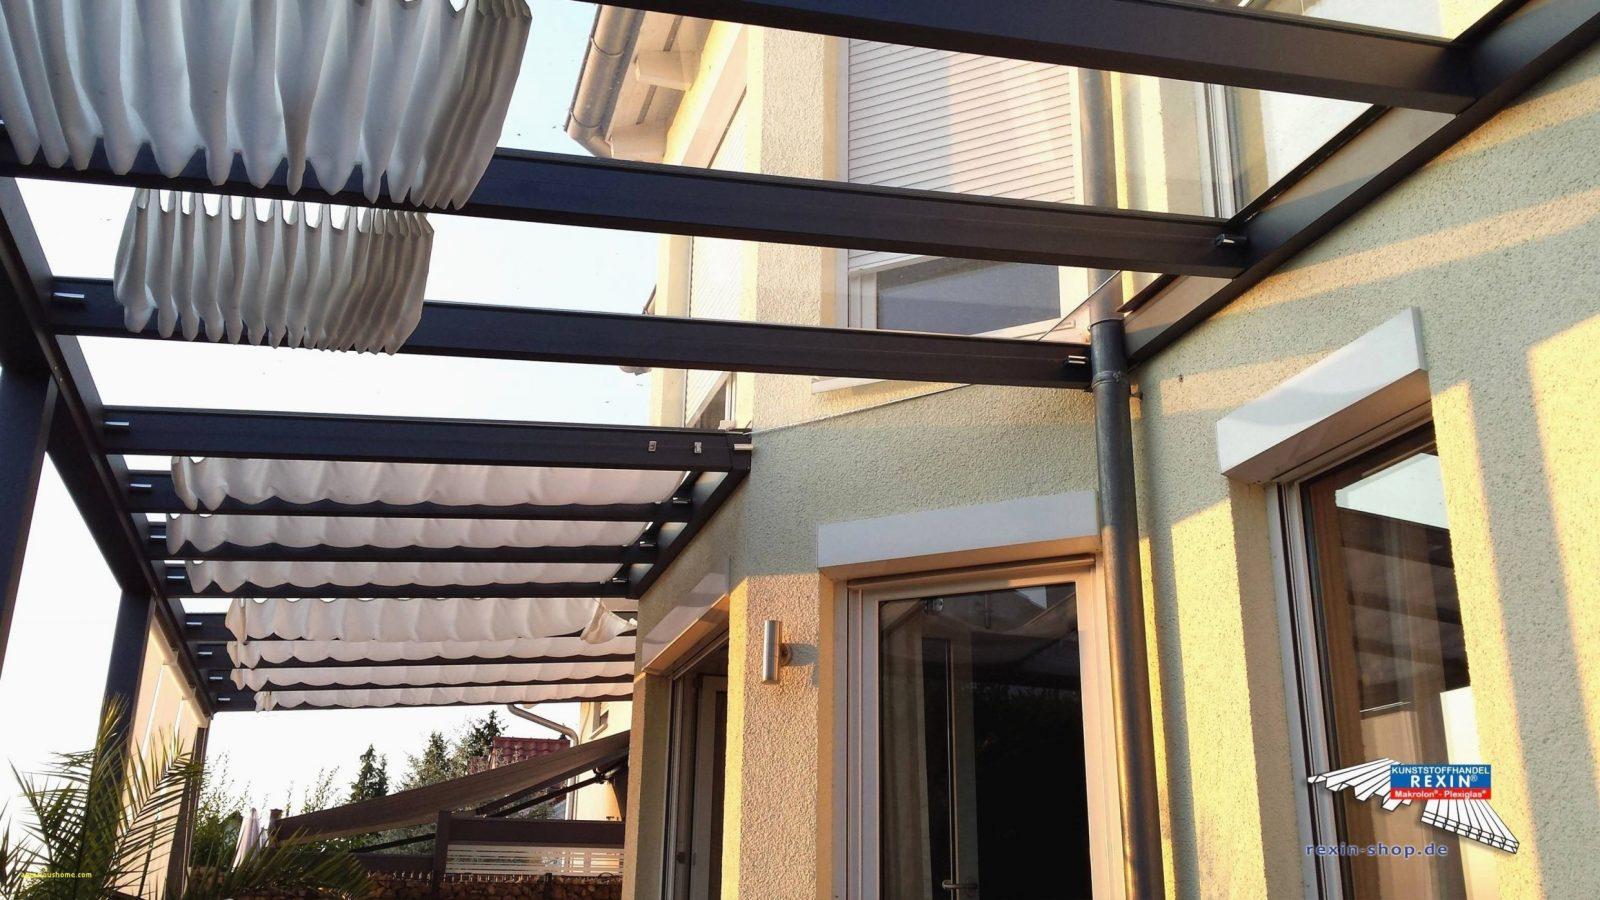 Luxus 45 Zum Balkon Windschutz Ohne Bohren von Sonnensegel Balkon Ohne Bohren Bild